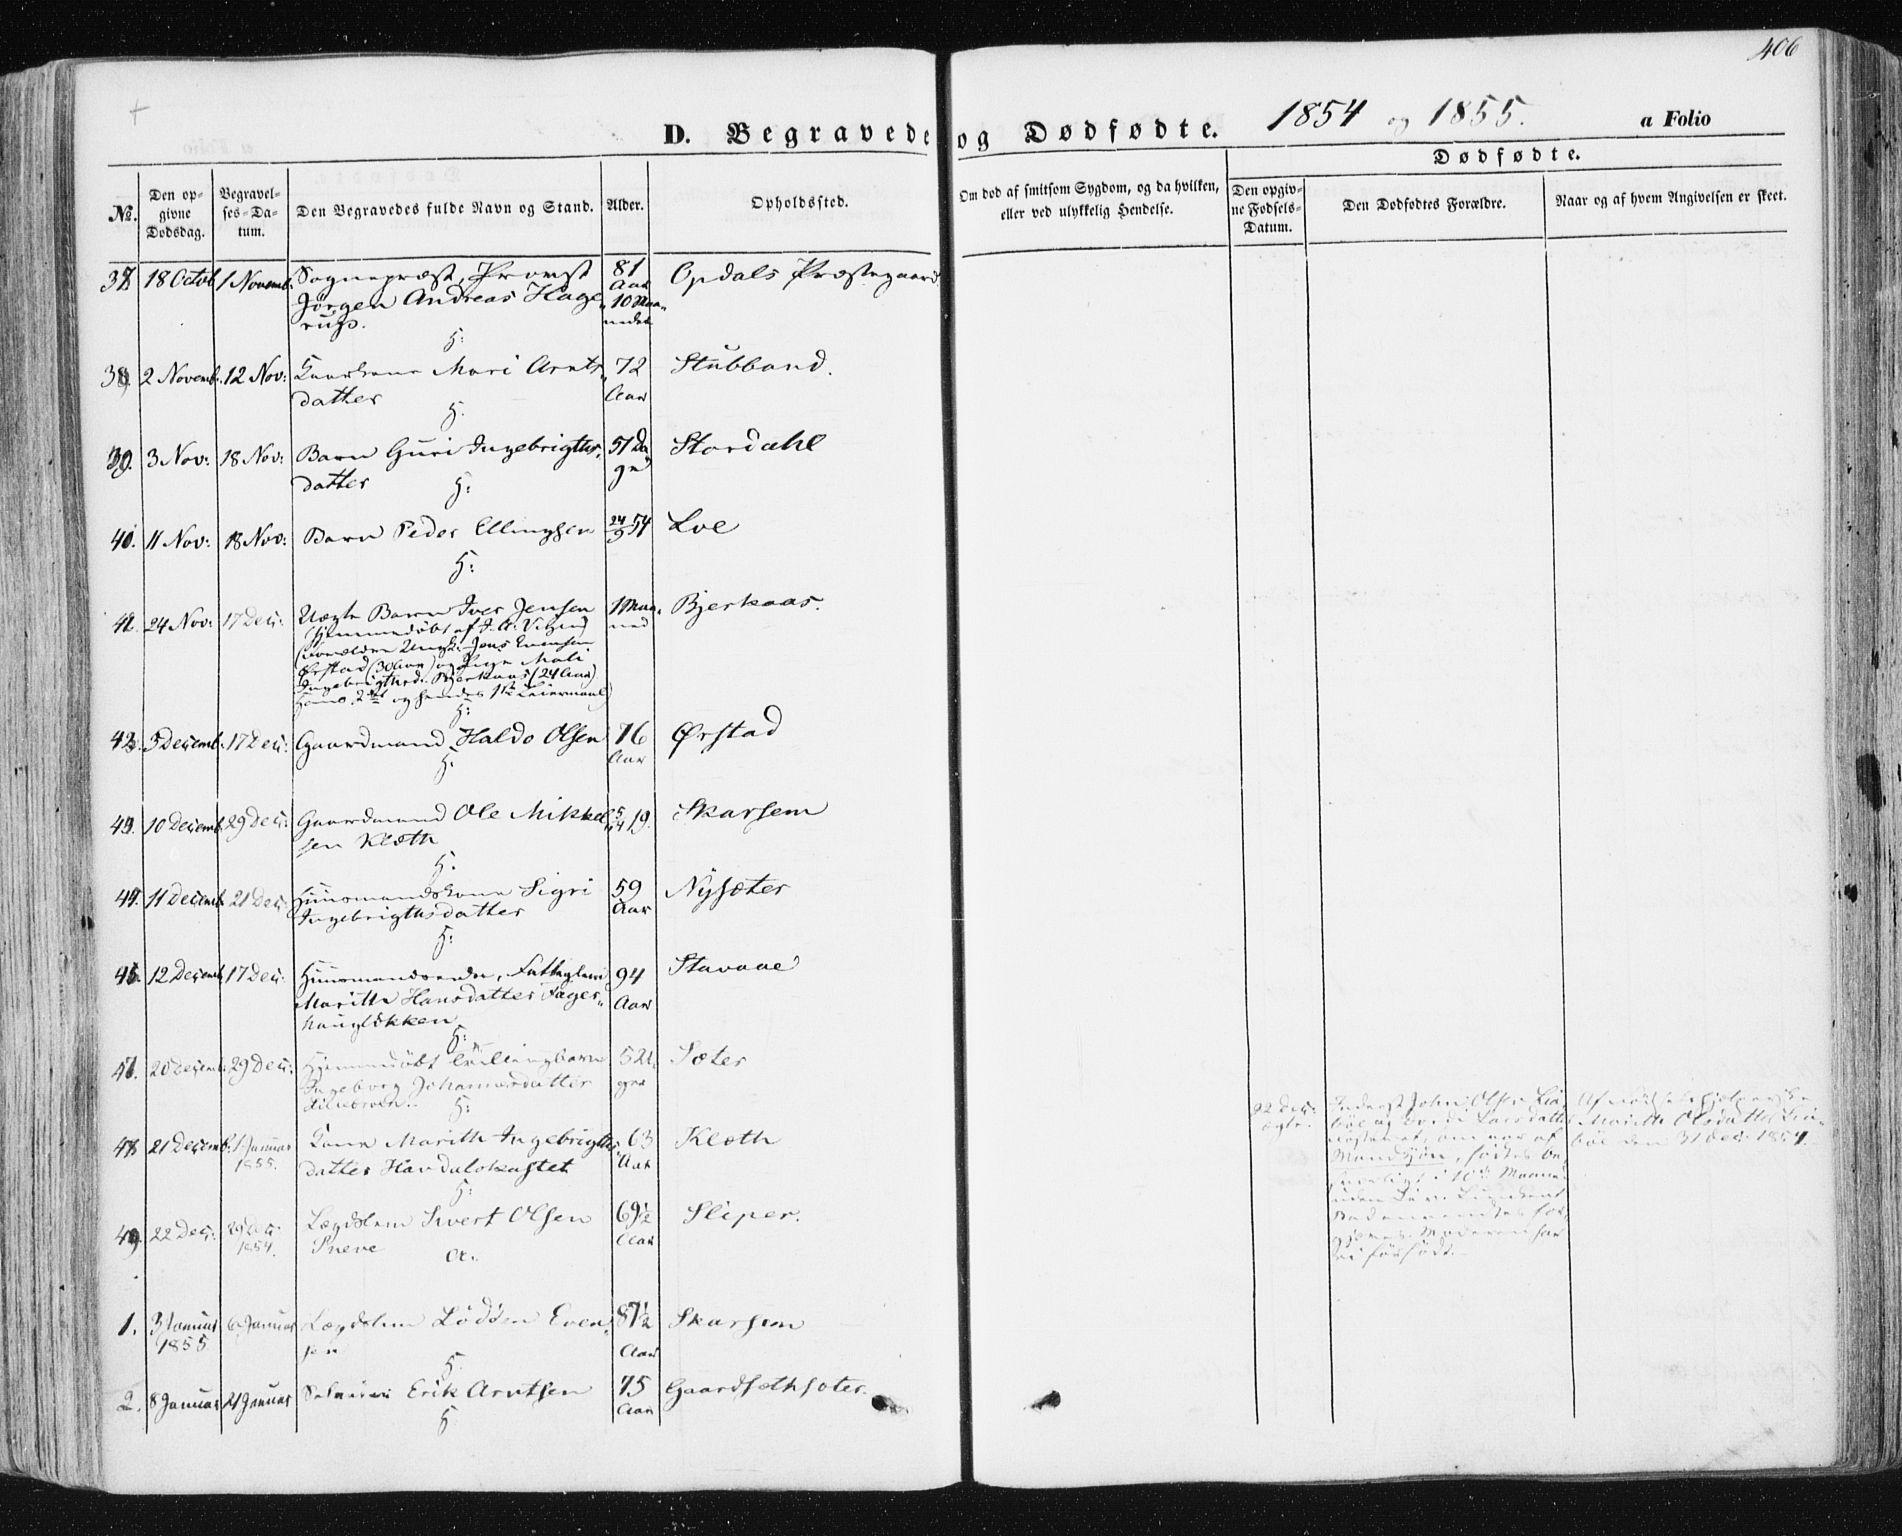 SAT, Ministerialprotokoller, klokkerbøker og fødselsregistre - Sør-Trøndelag, 678/L0899: Ministerialbok nr. 678A08, 1848-1872, s. 406